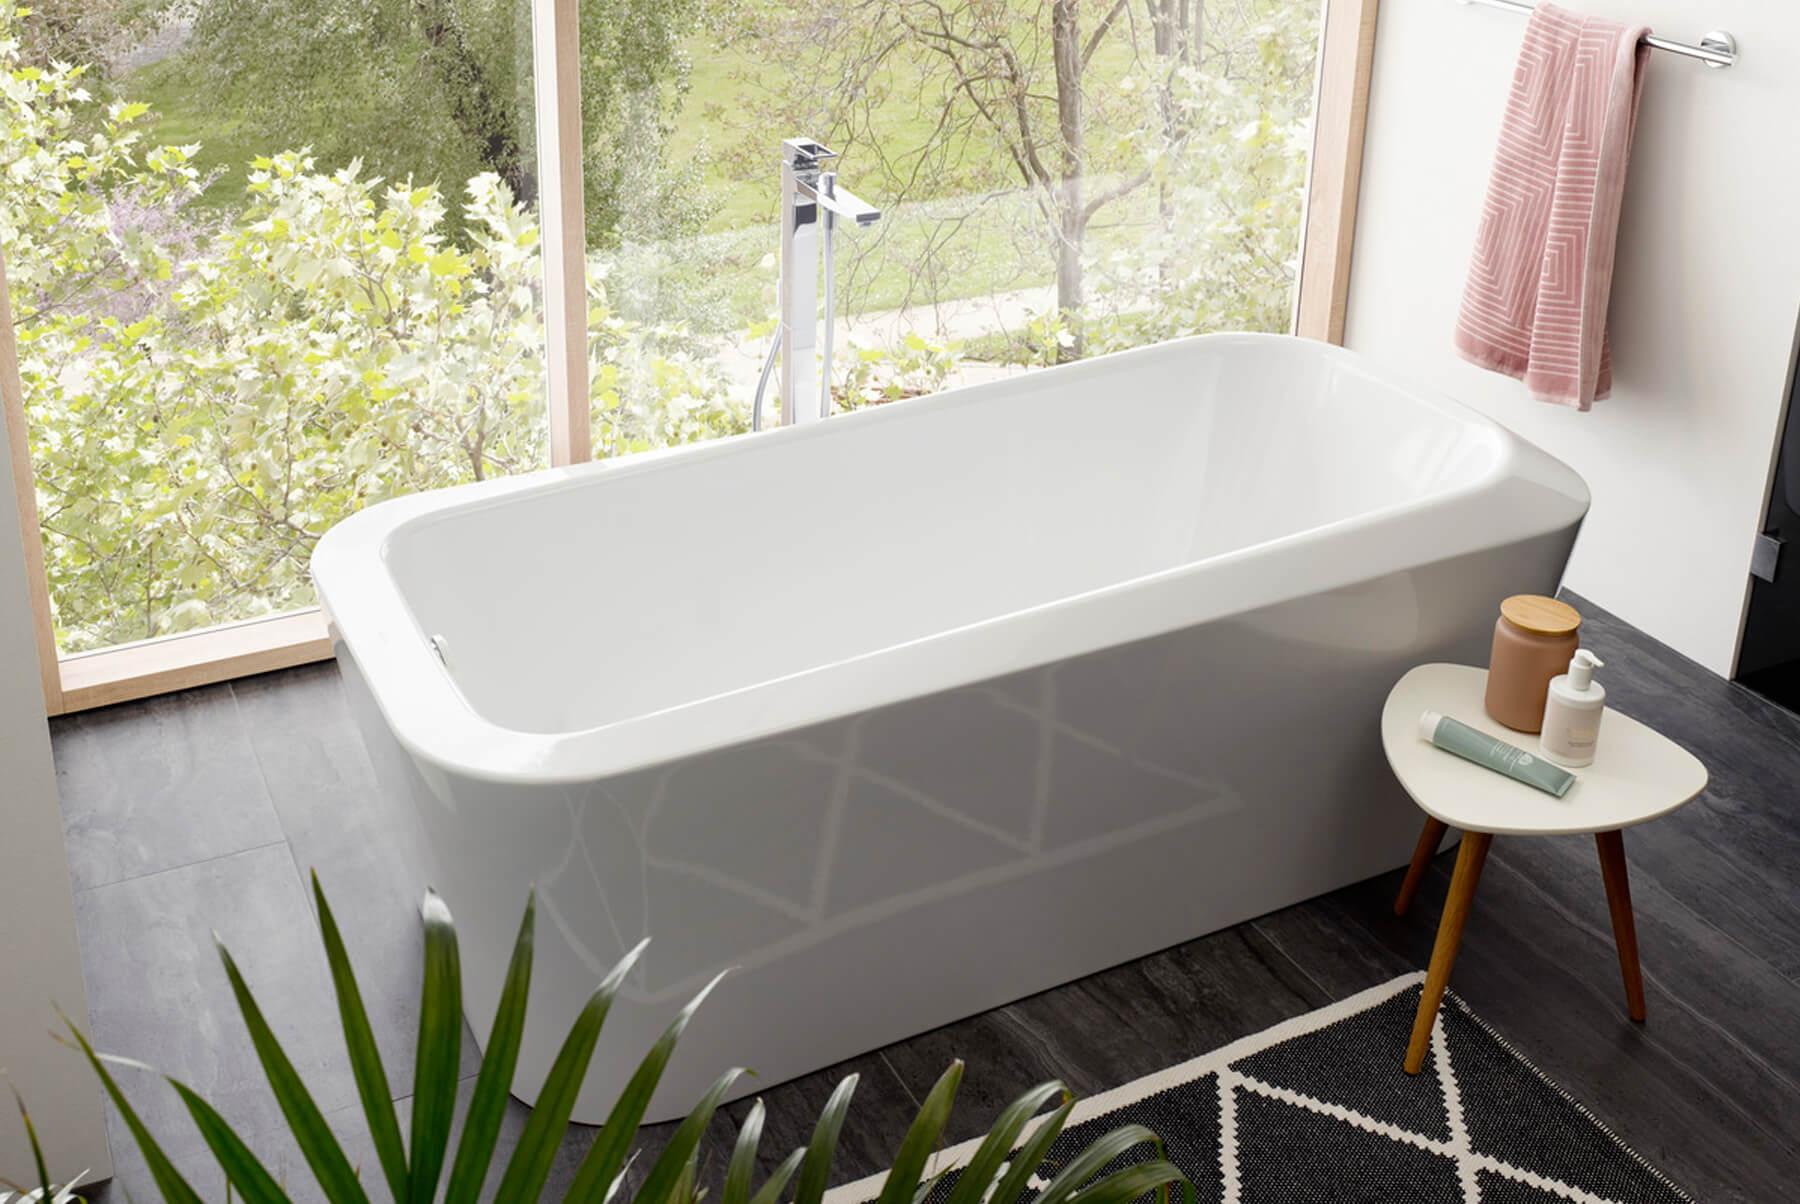 Bath-Tubs-Kaldewei-Emerso-2-1800x1204